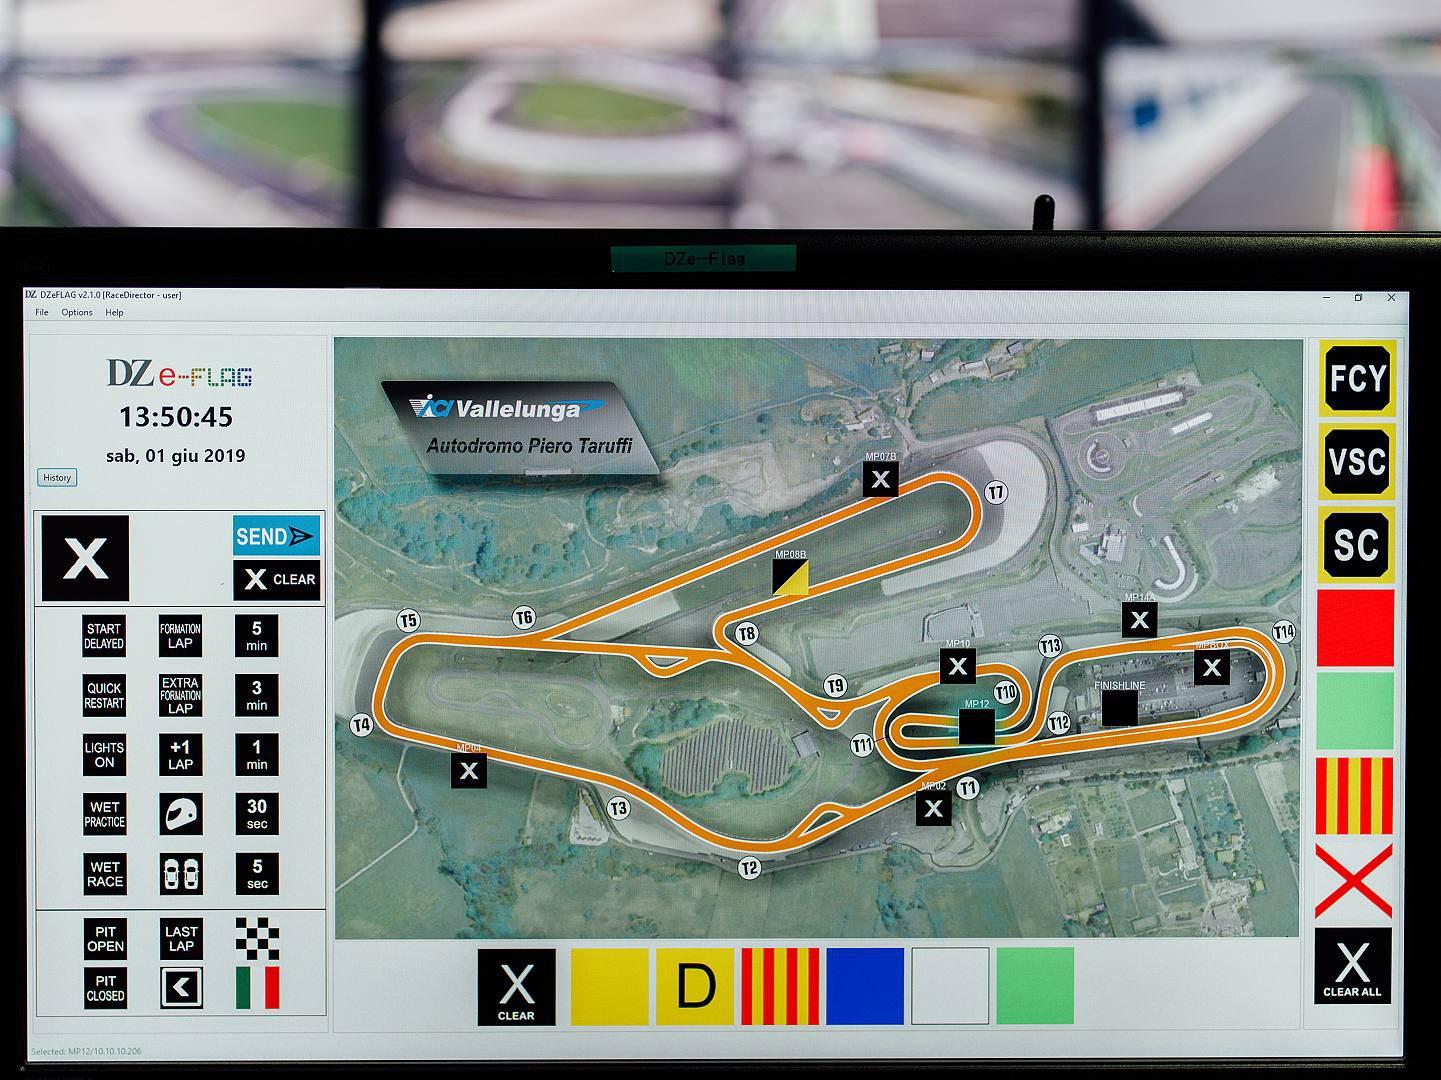 Sicurezza negli autodromi: l'italiana DZ Engineering introduce le DZe-Flag, saranno obbligatorie in tutti i Circuiti motoristici